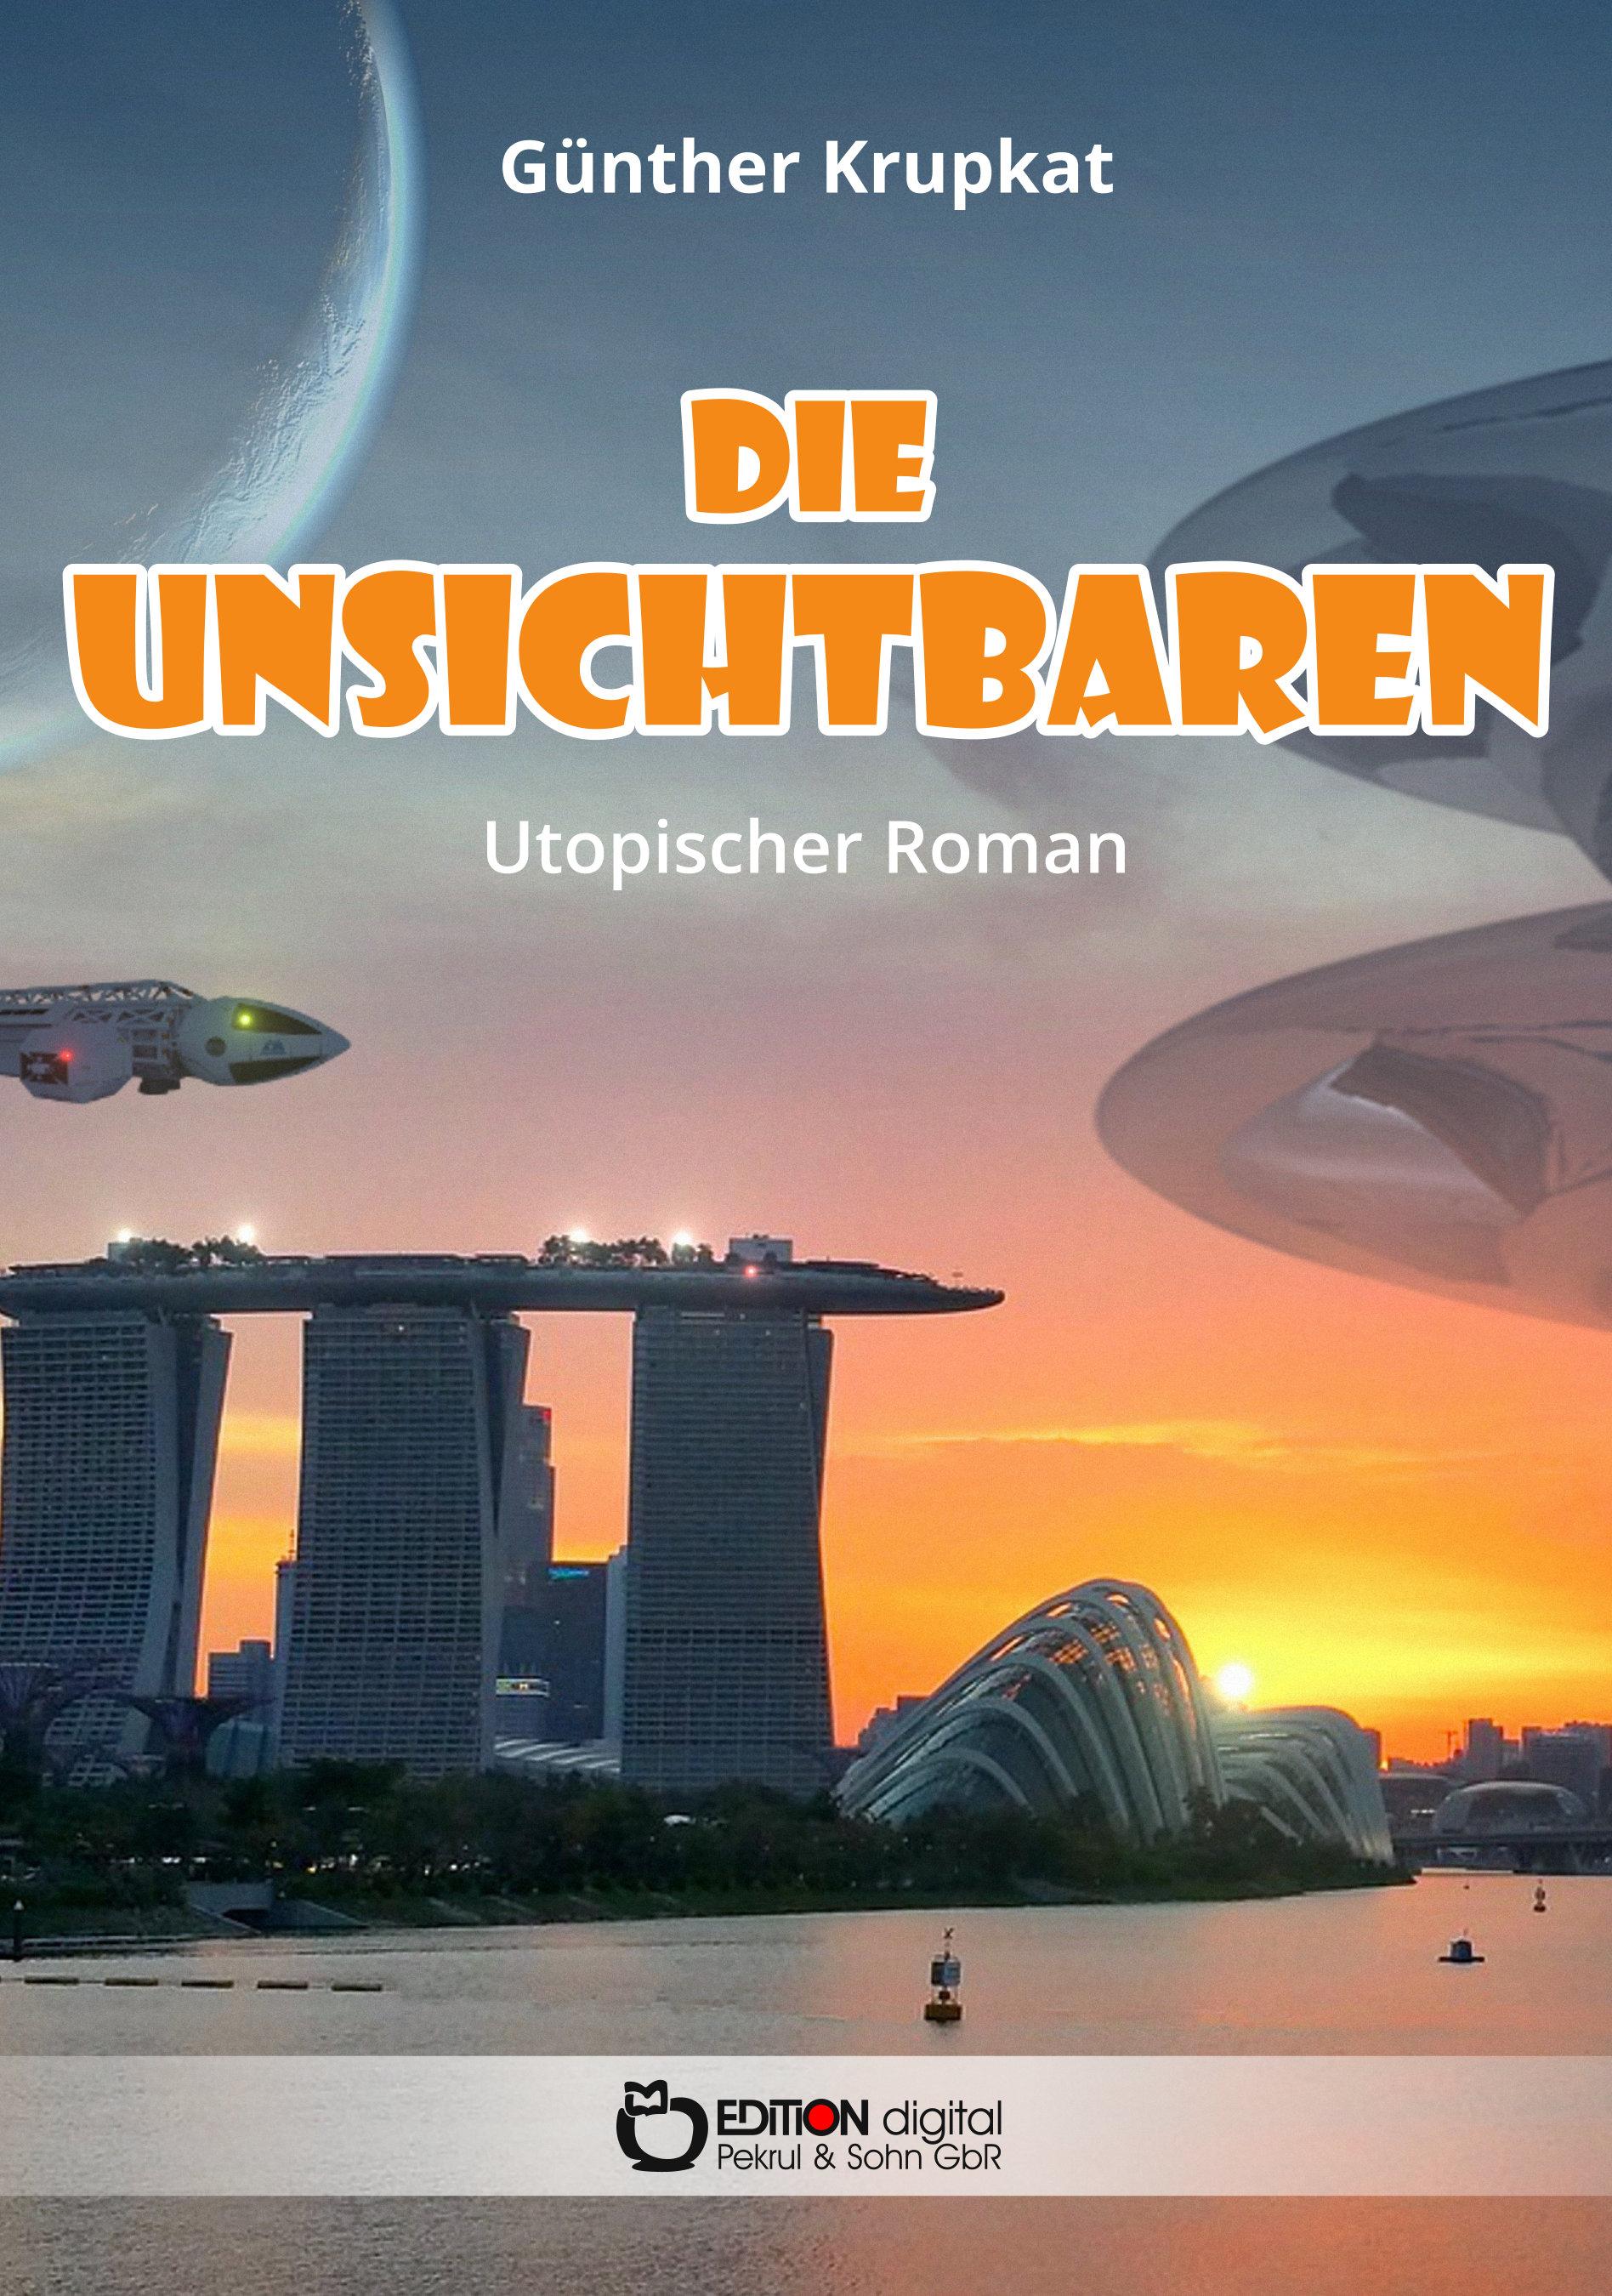 Die Unsichtbaren. Utopischer Roman von Günther Krupkat